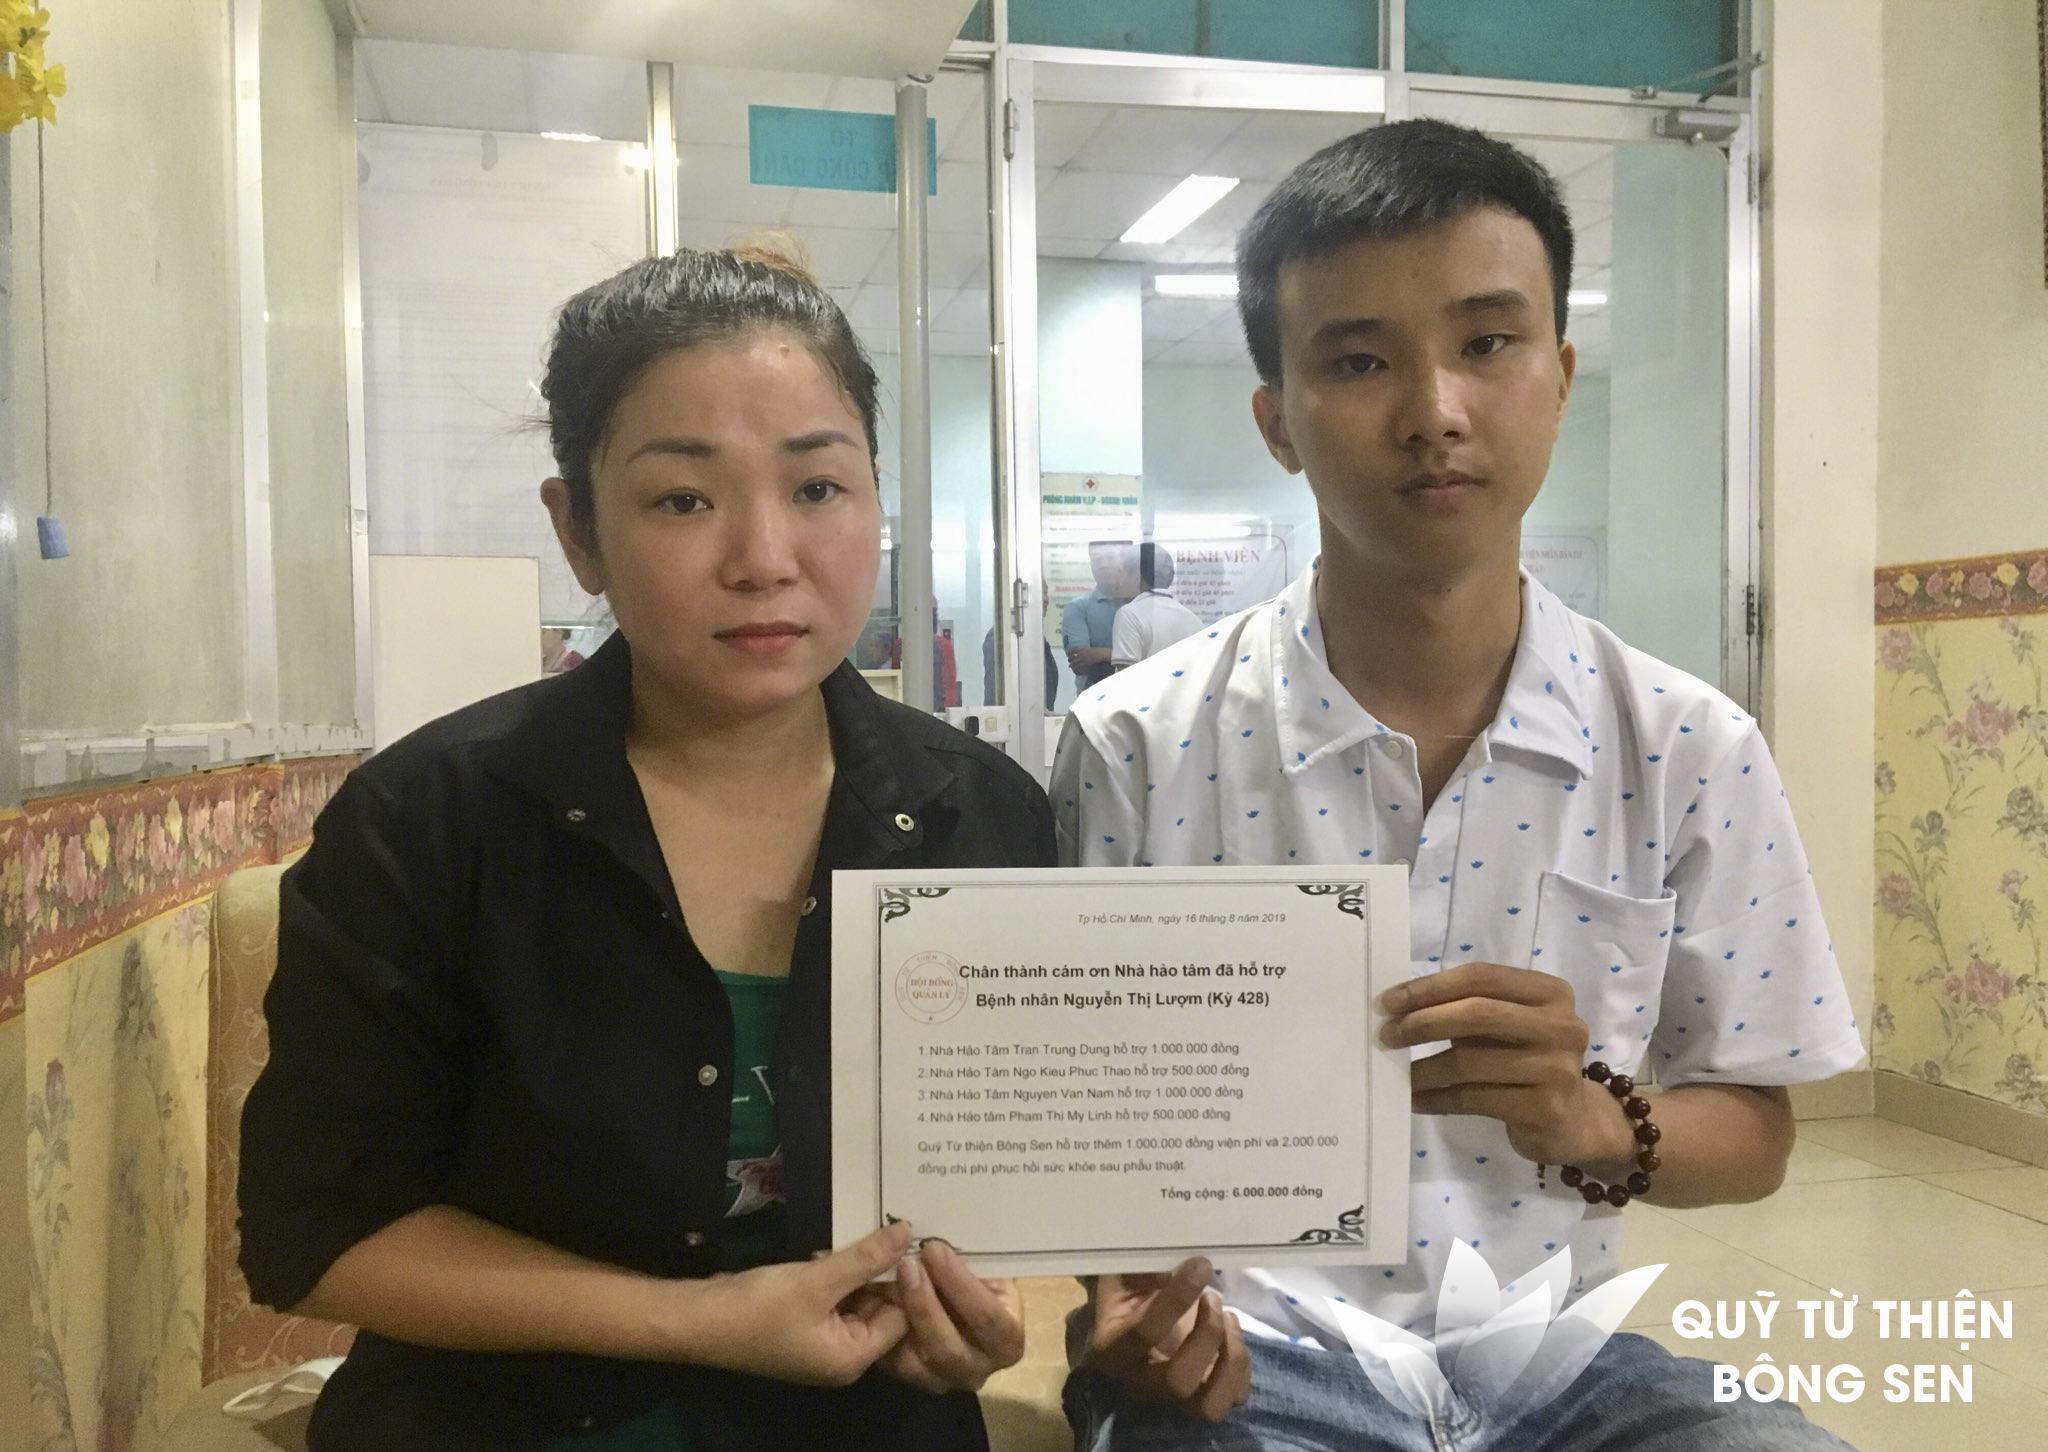 Kỳ 428:  Nguyễn Thị Lượm (sinh năm 1963) quê Long An, Điều trị đa trấn thương, hỗ trợ 6 triệu đồng ngày 16/08/2019